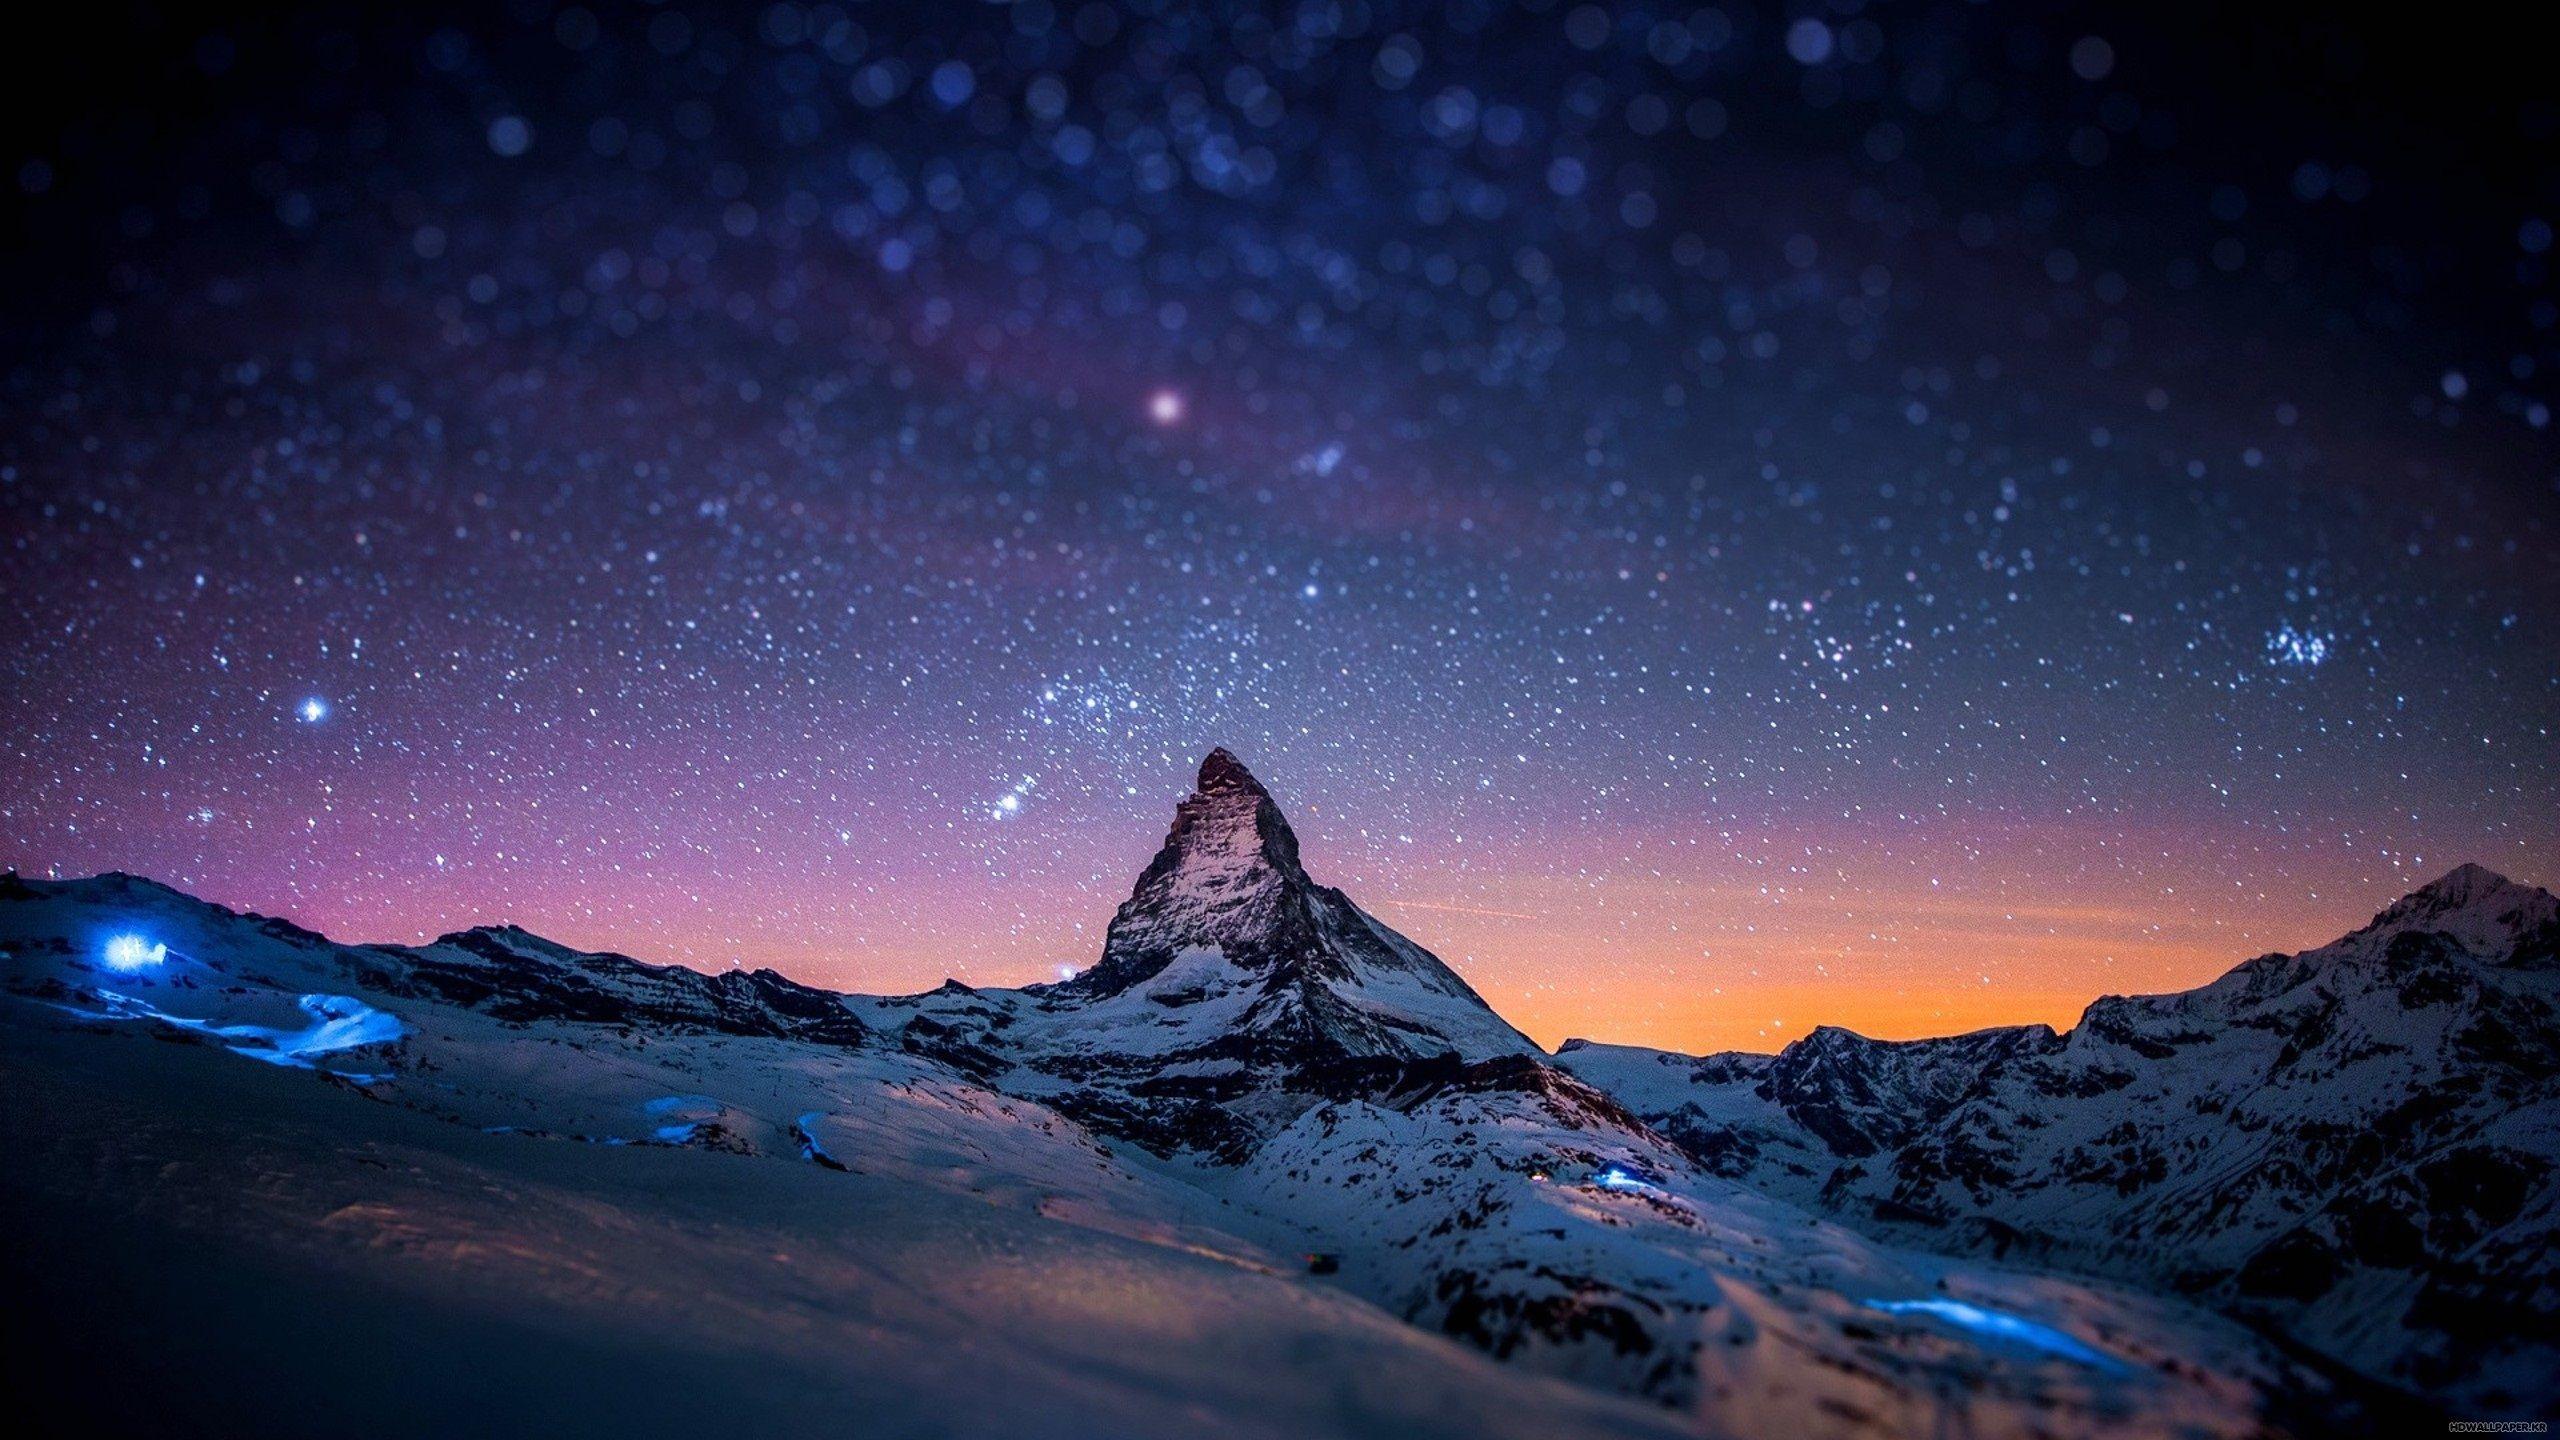 retina-display-wallpapers-macbook-pro | wallpapers | starry night